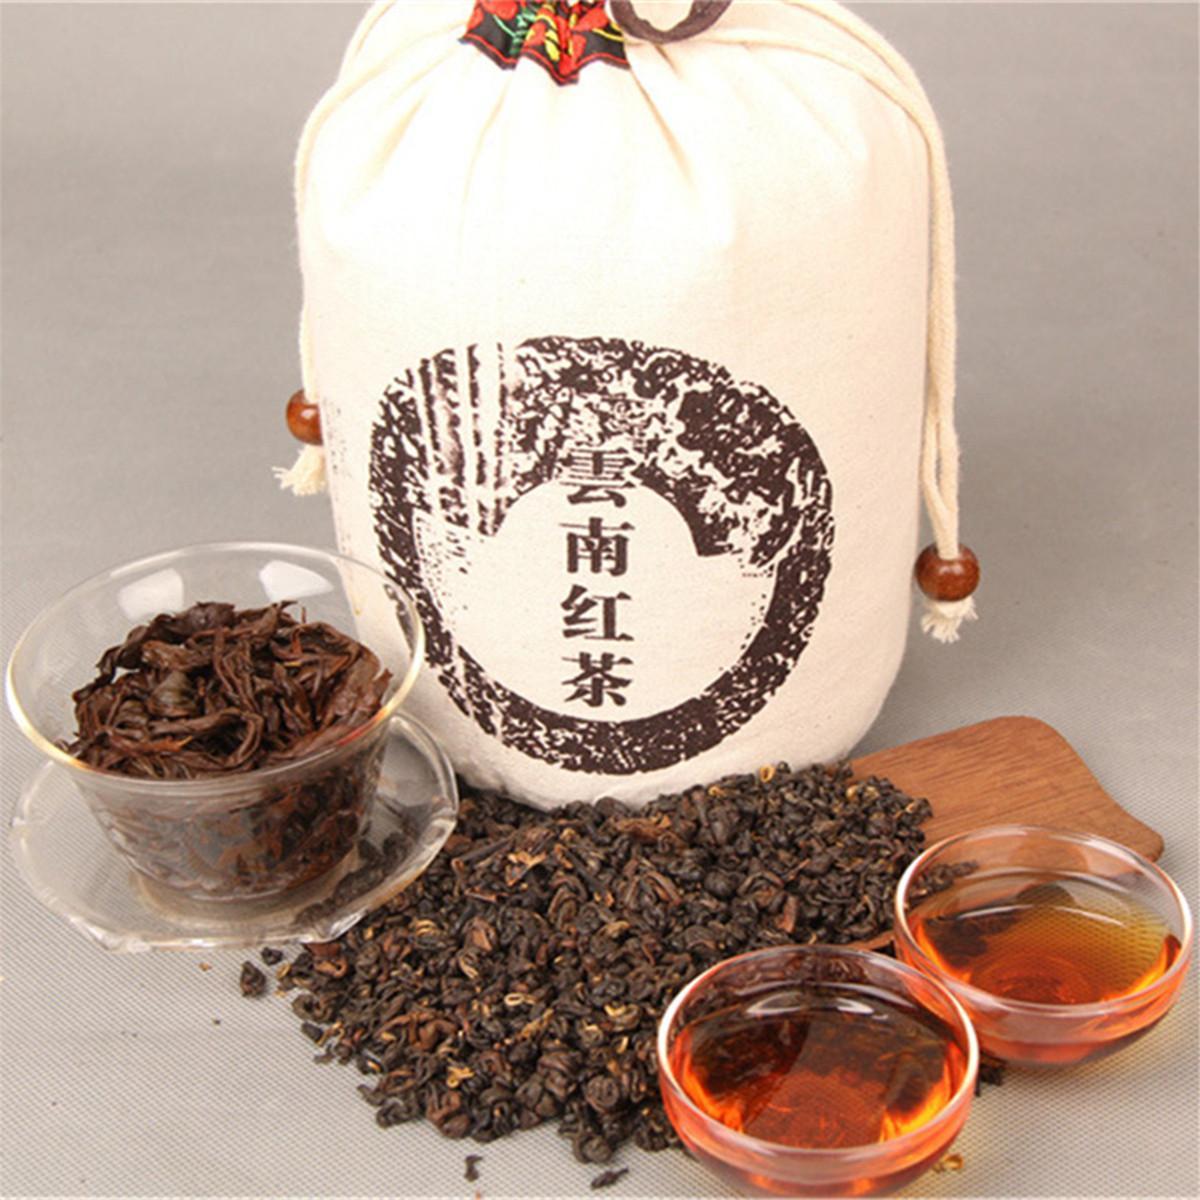 1000g Thé noir bio chinois Yunnan Dianhong Thé rouge Nouveau Thé sain vert cuit alimentaire tissu Bagged emballage préféré